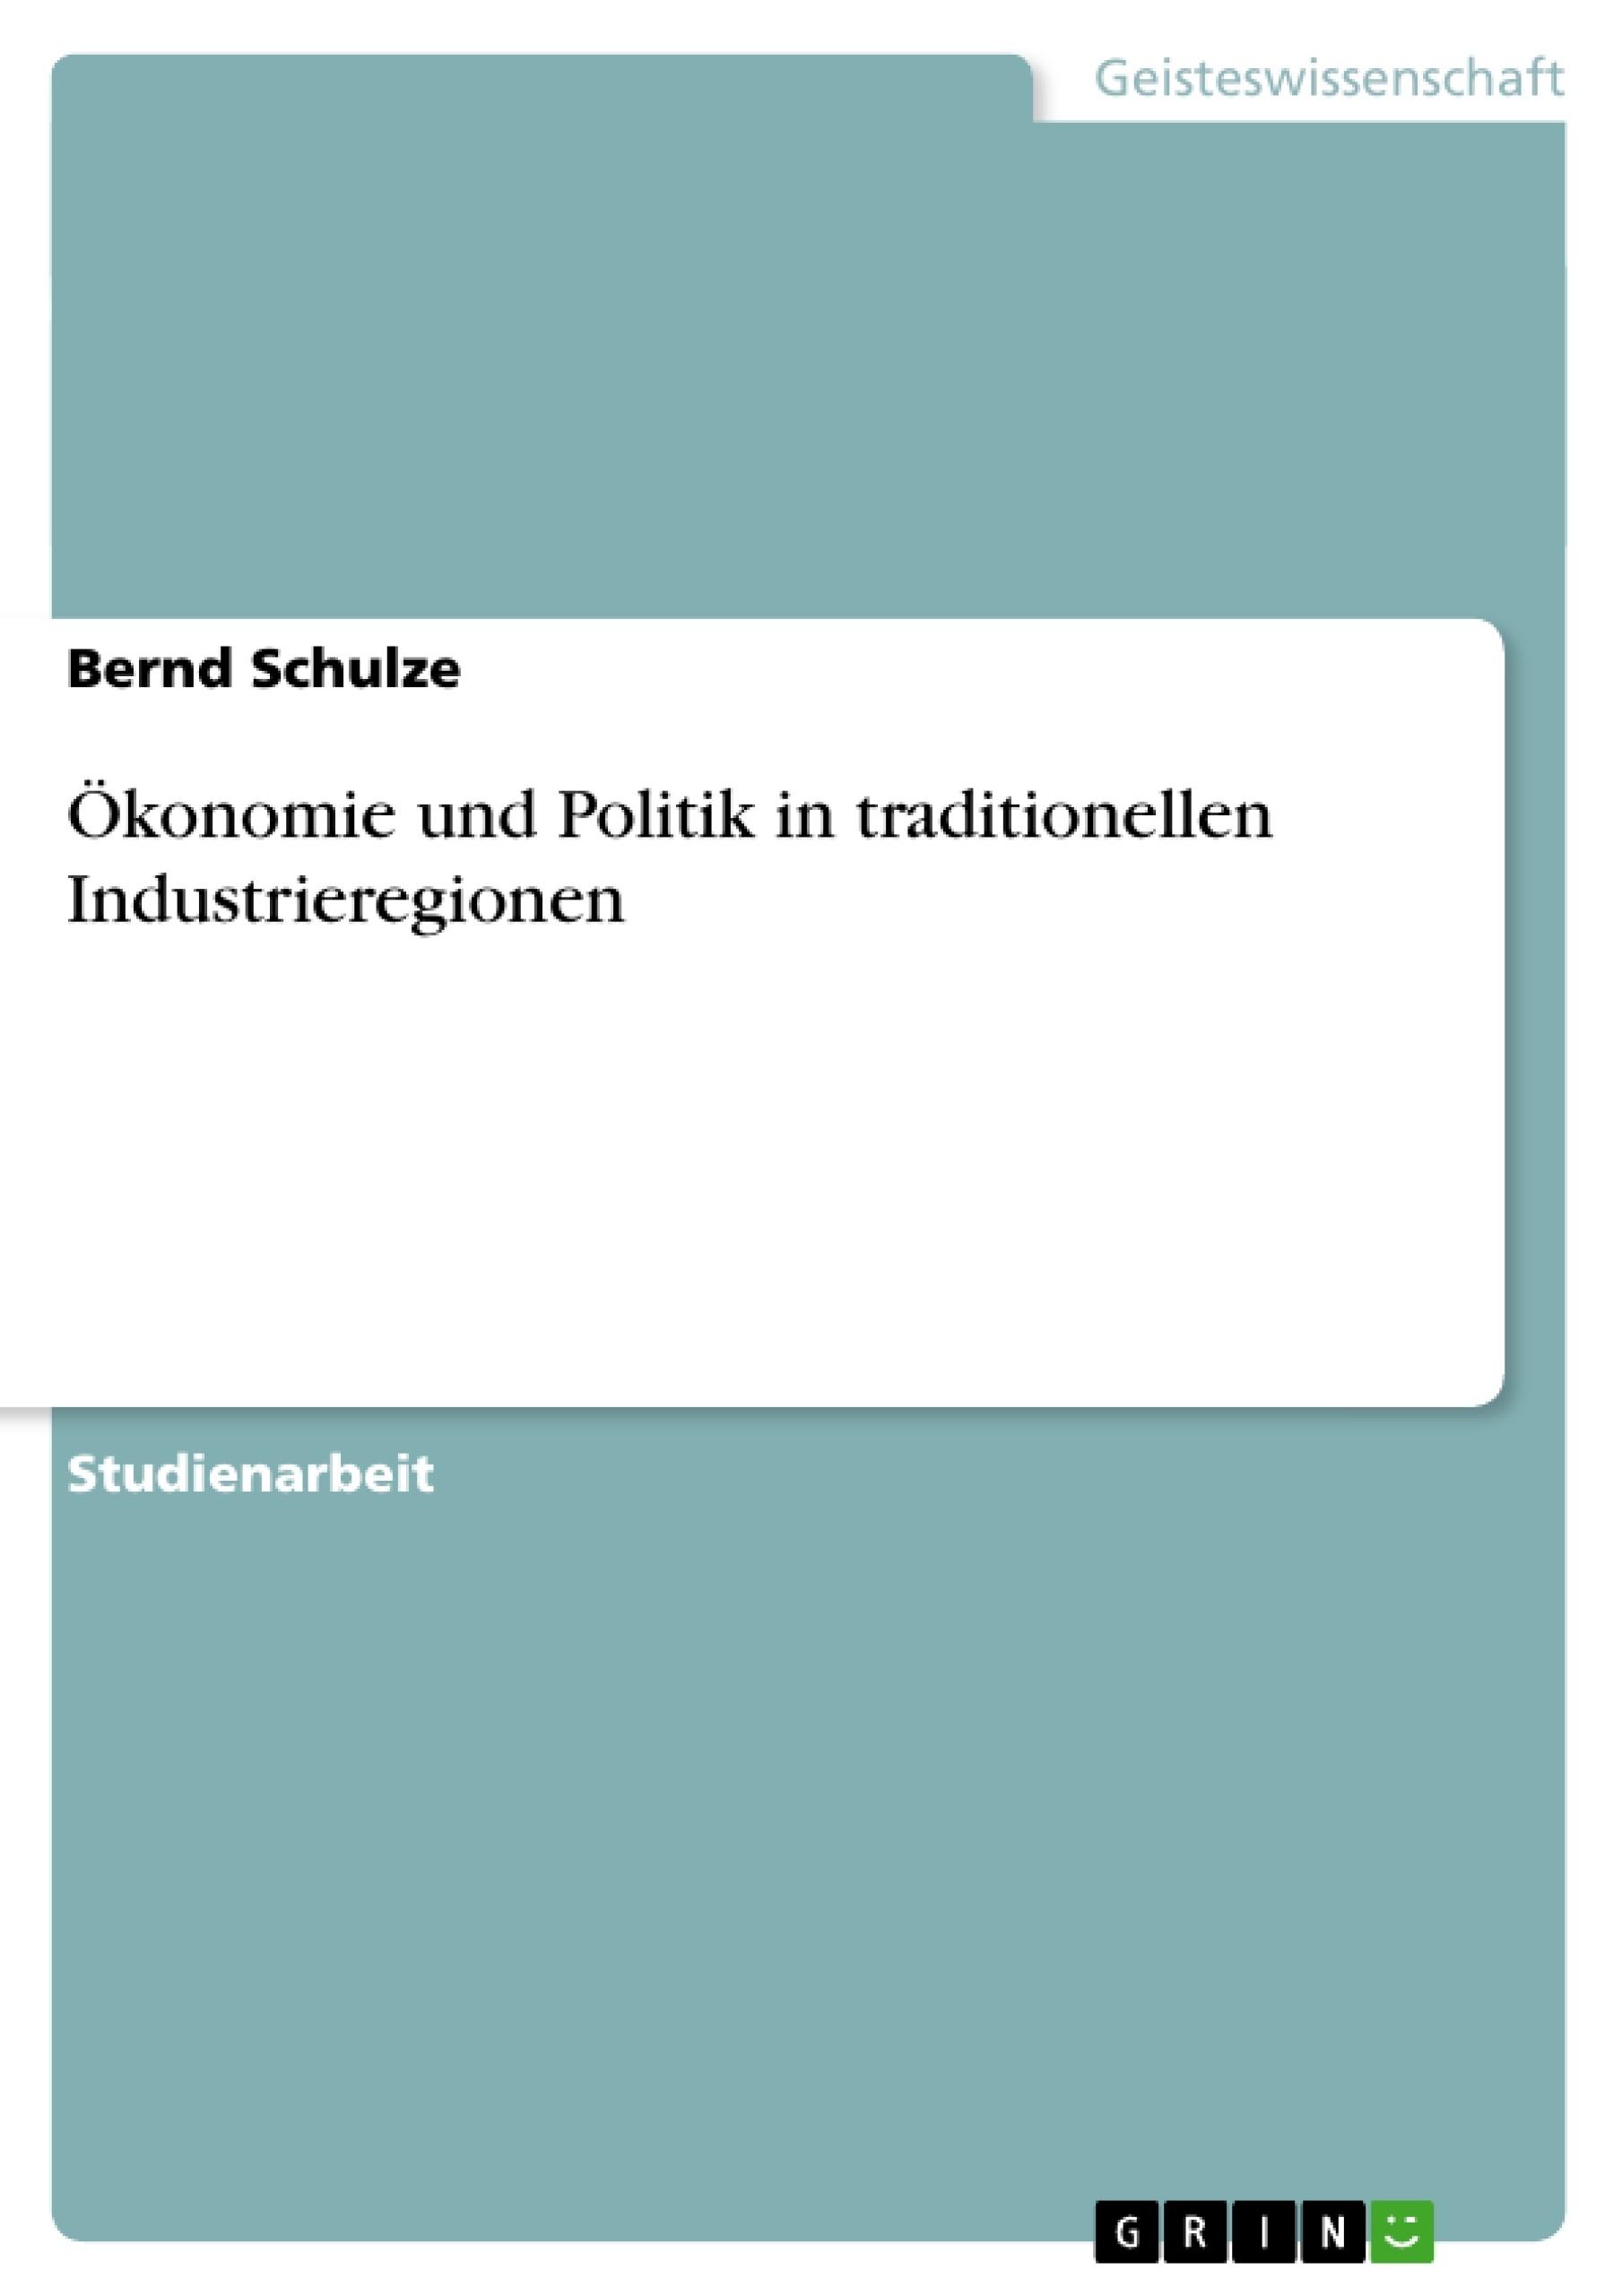 Titel: Ökonomie und Politik in traditionellen Industrieregionen